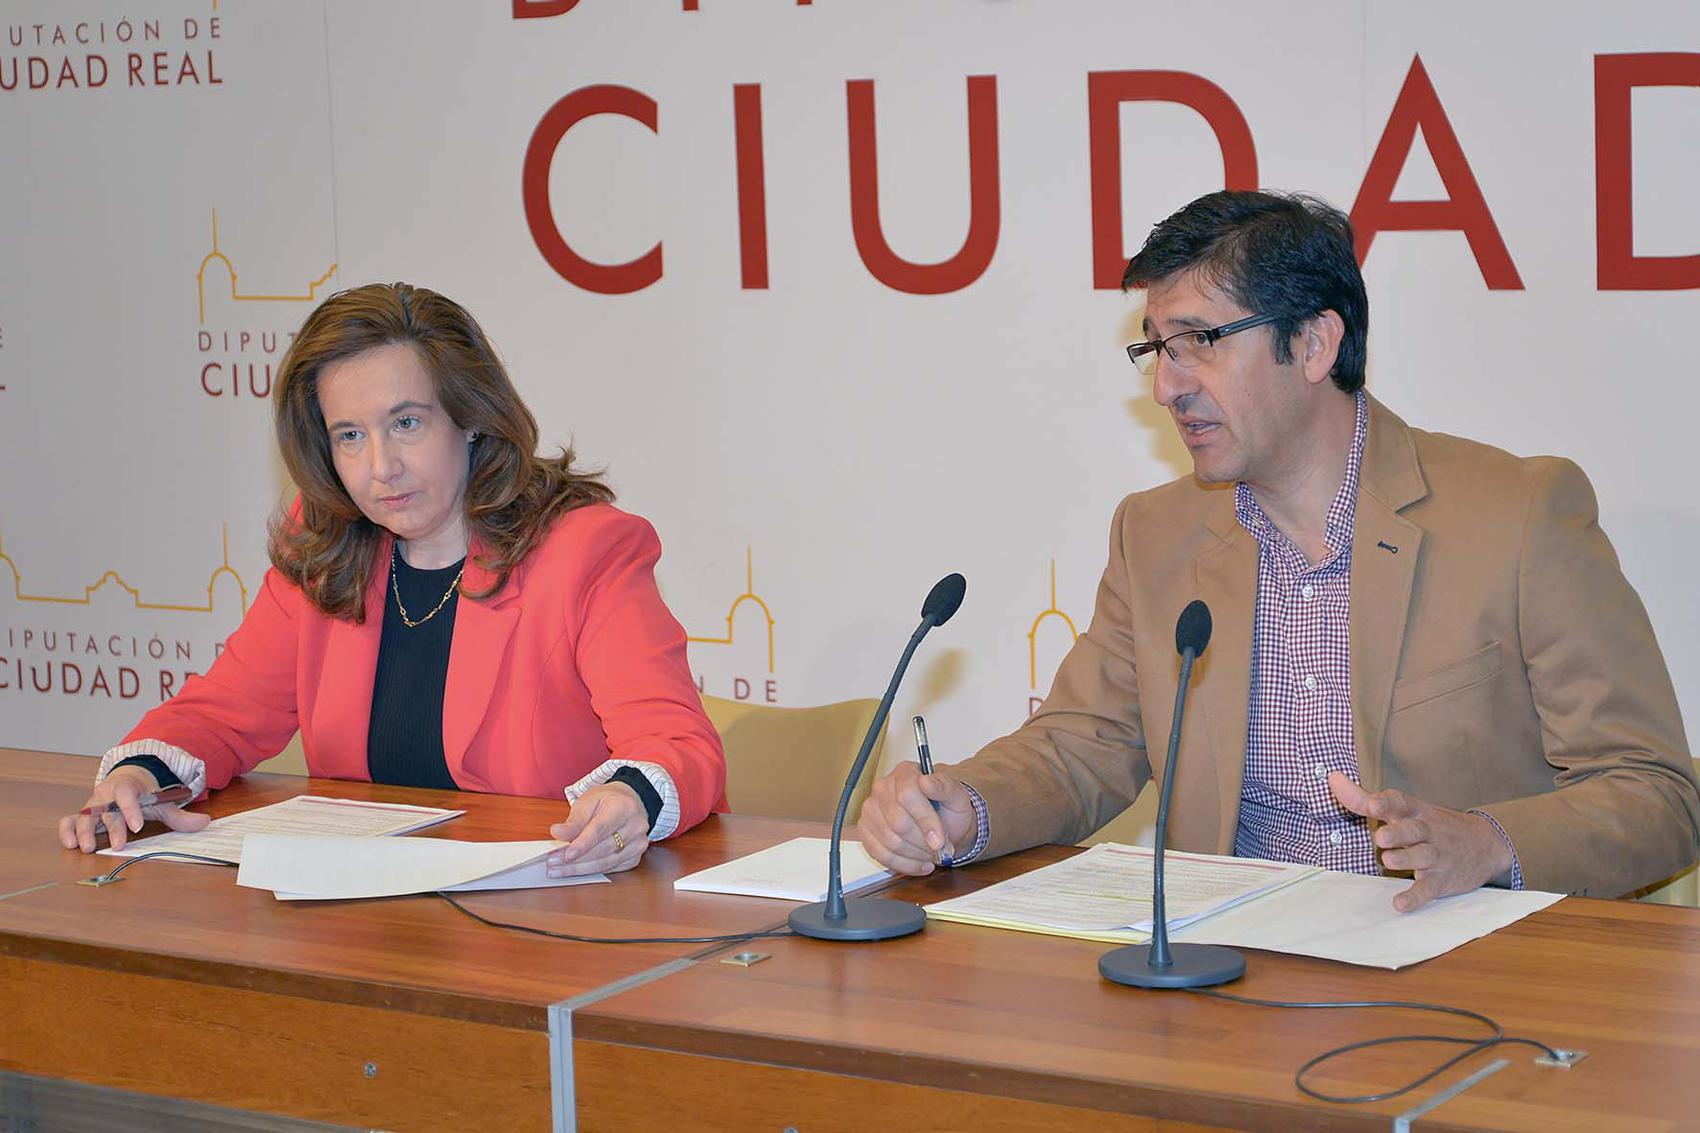 Jose Manuel Caballero y Jacinta Monroy